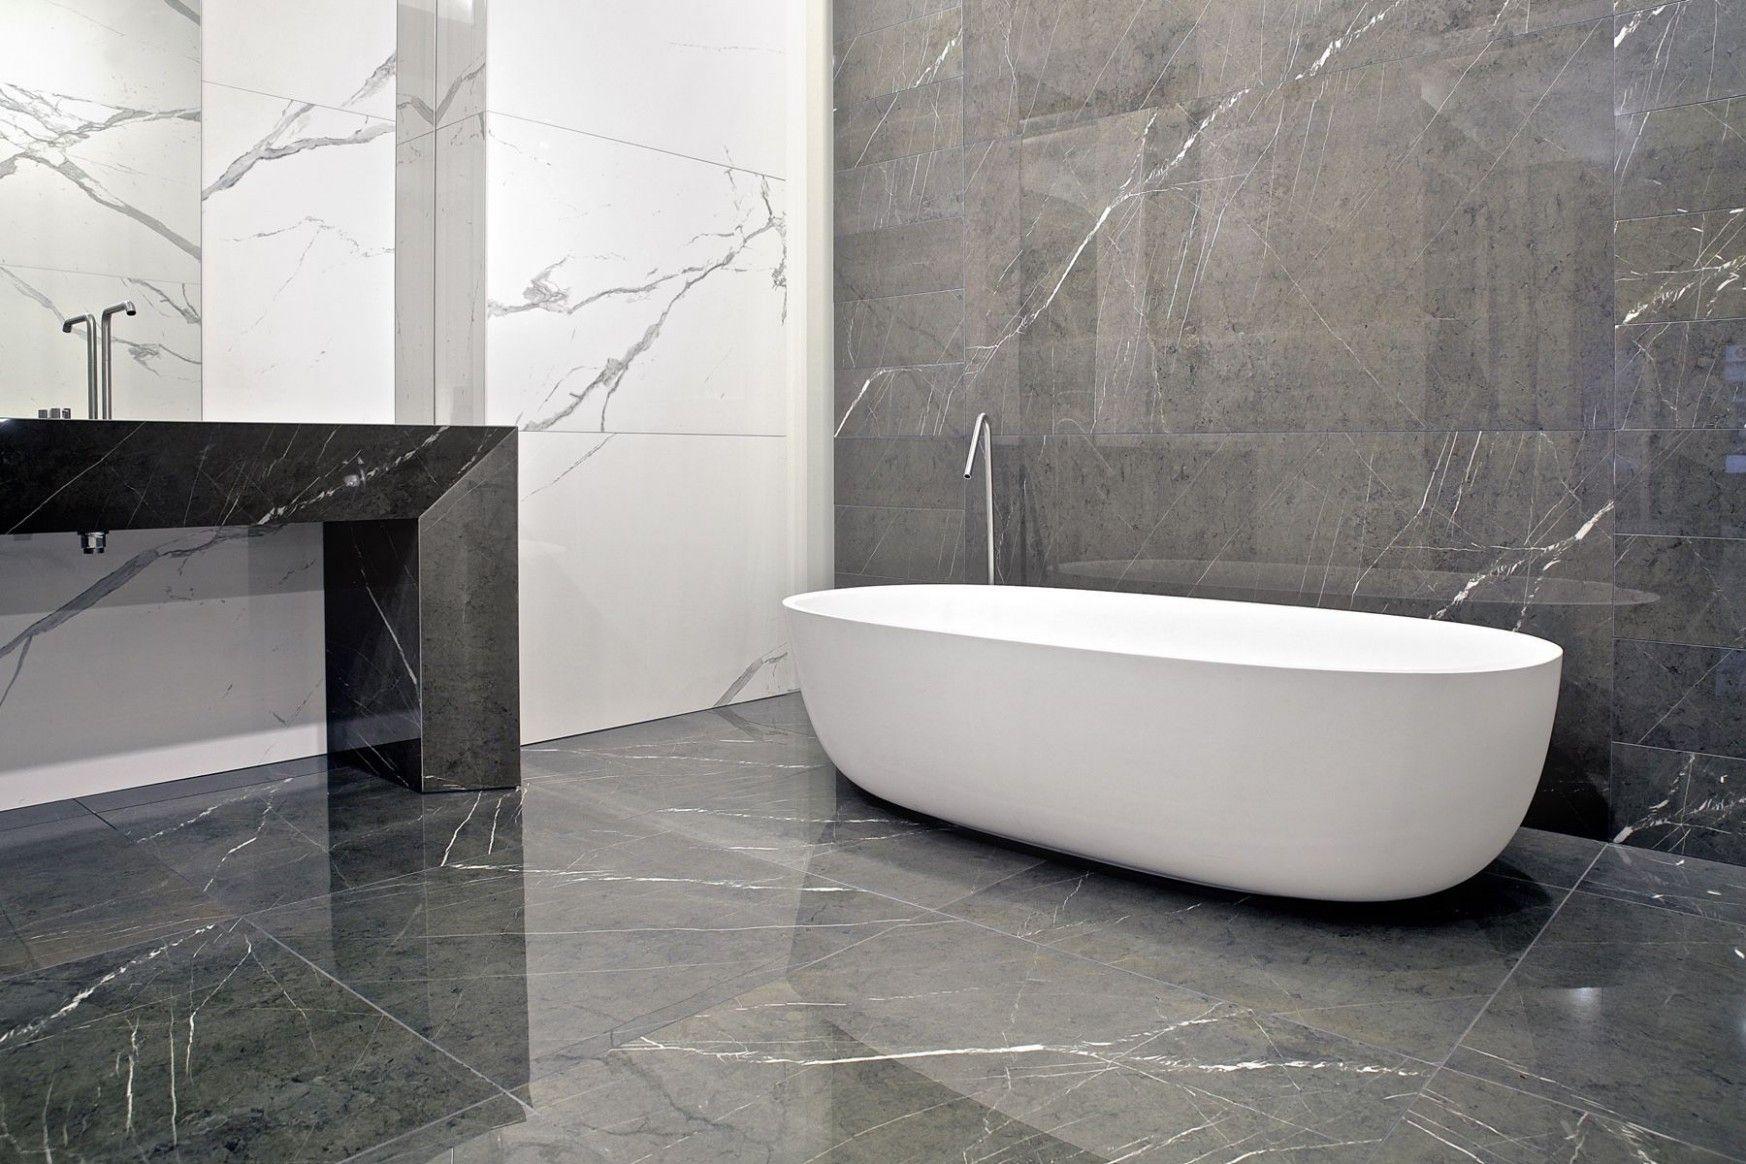 Grey Bathroom Floor And Wall Tiles Badrum Design Badrumsinspiration Design Gray bathroom floor tiles